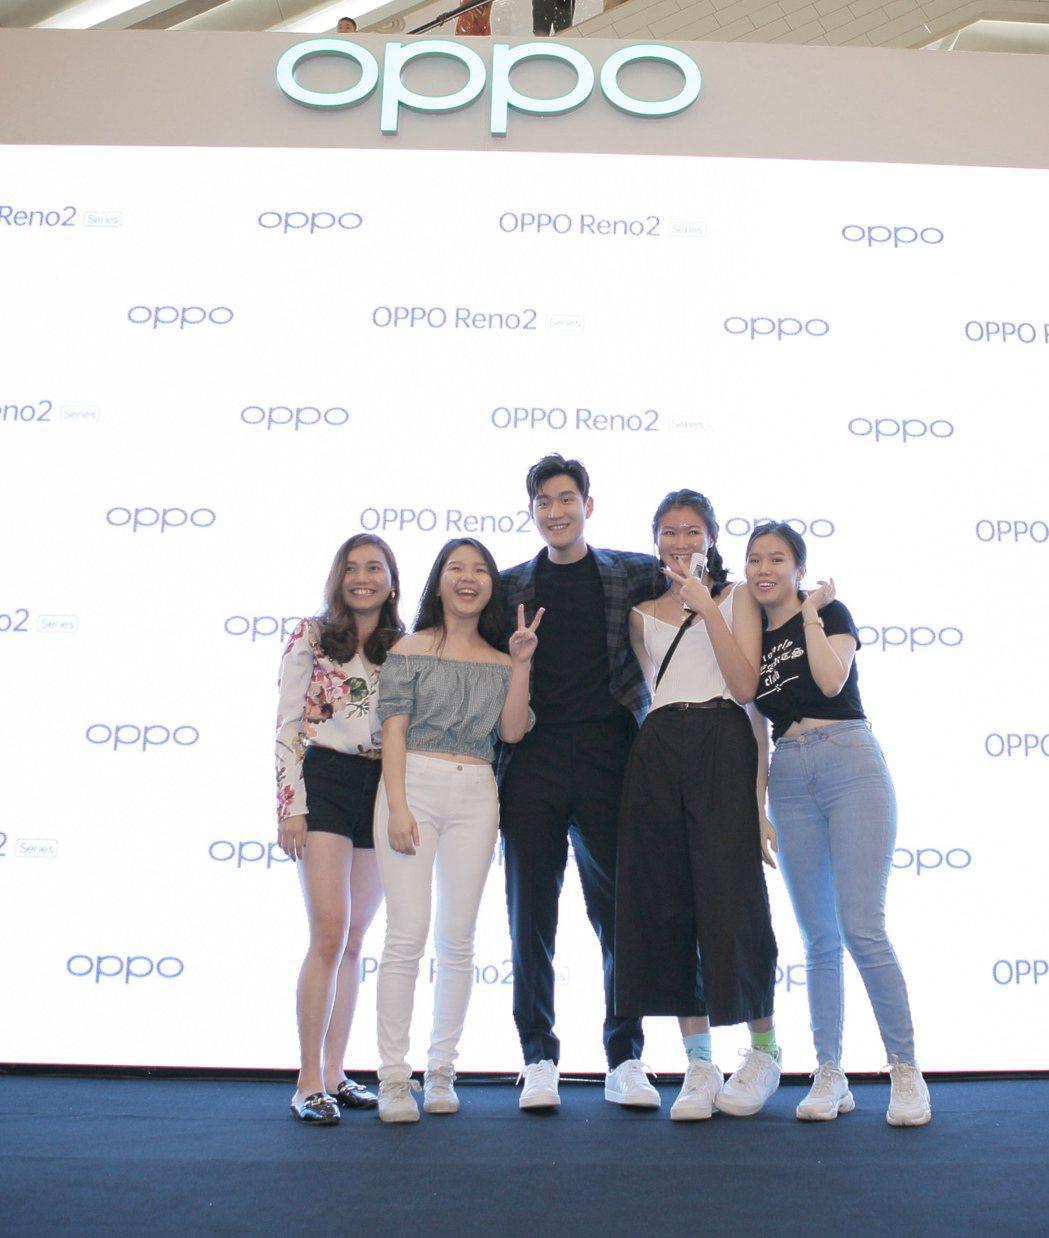 周興哲(中)26日在馬來西亞出席OPPO新手機上市代言記者會。圖/星空飛騰提供